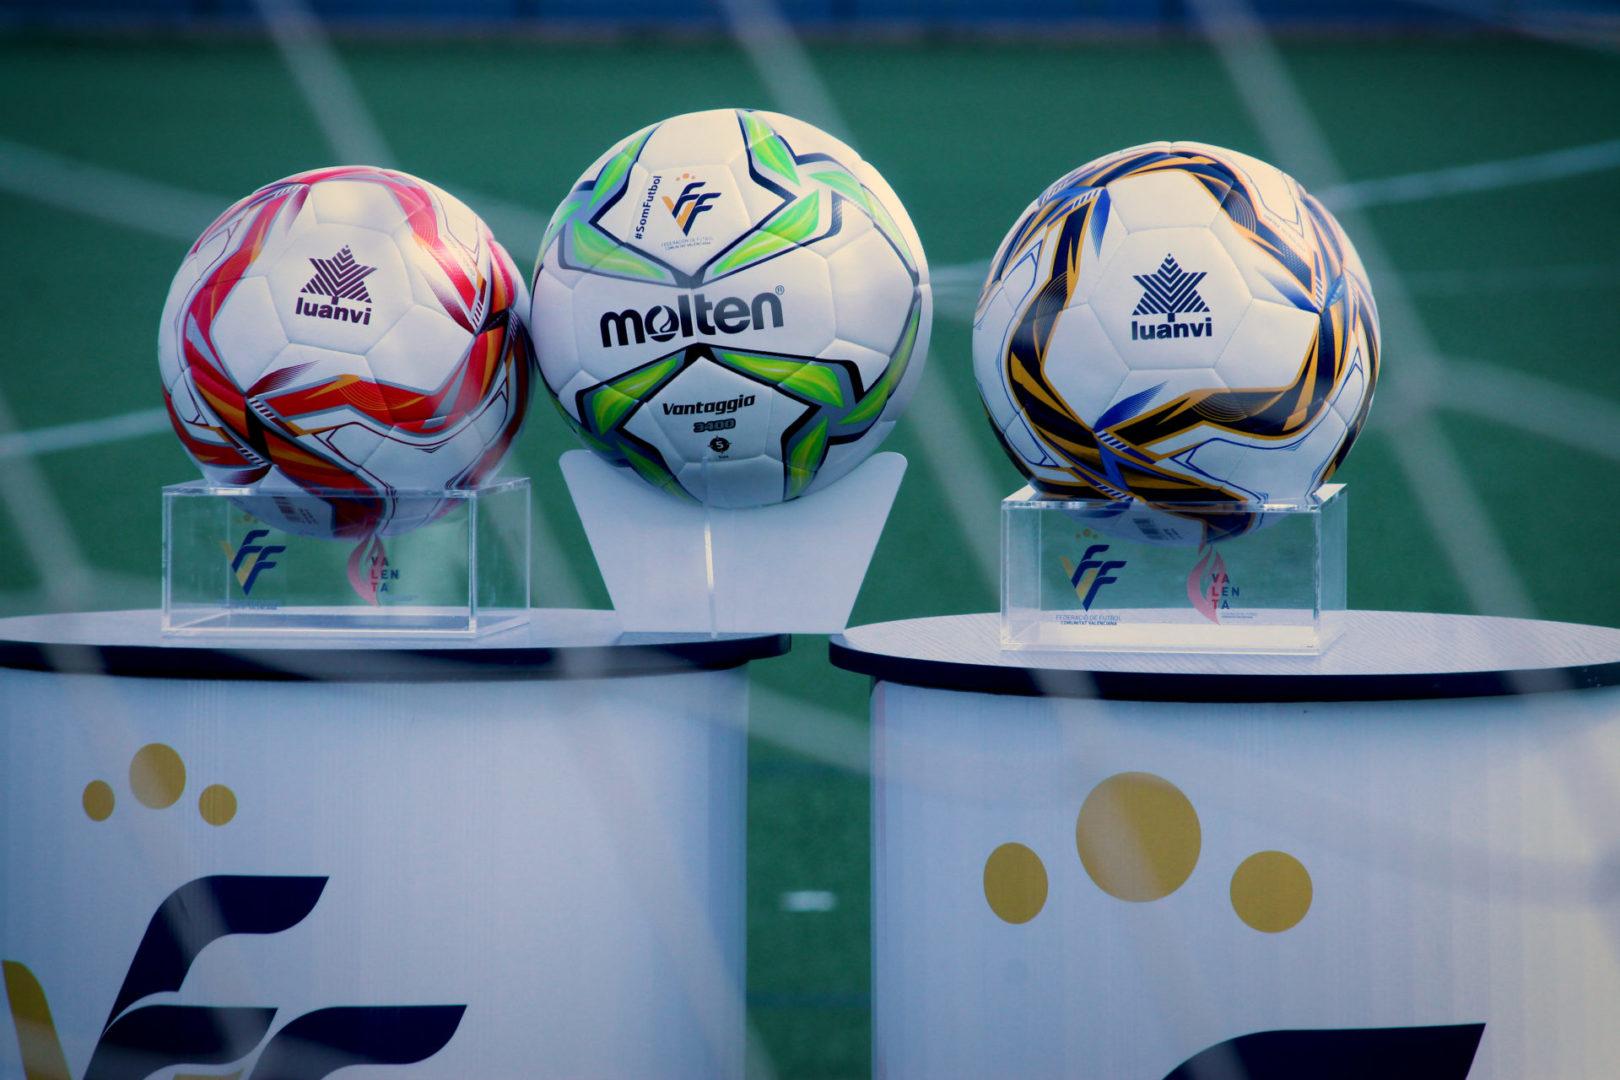 Balones oficiales temporada 2020/21 Luanvi y Molten